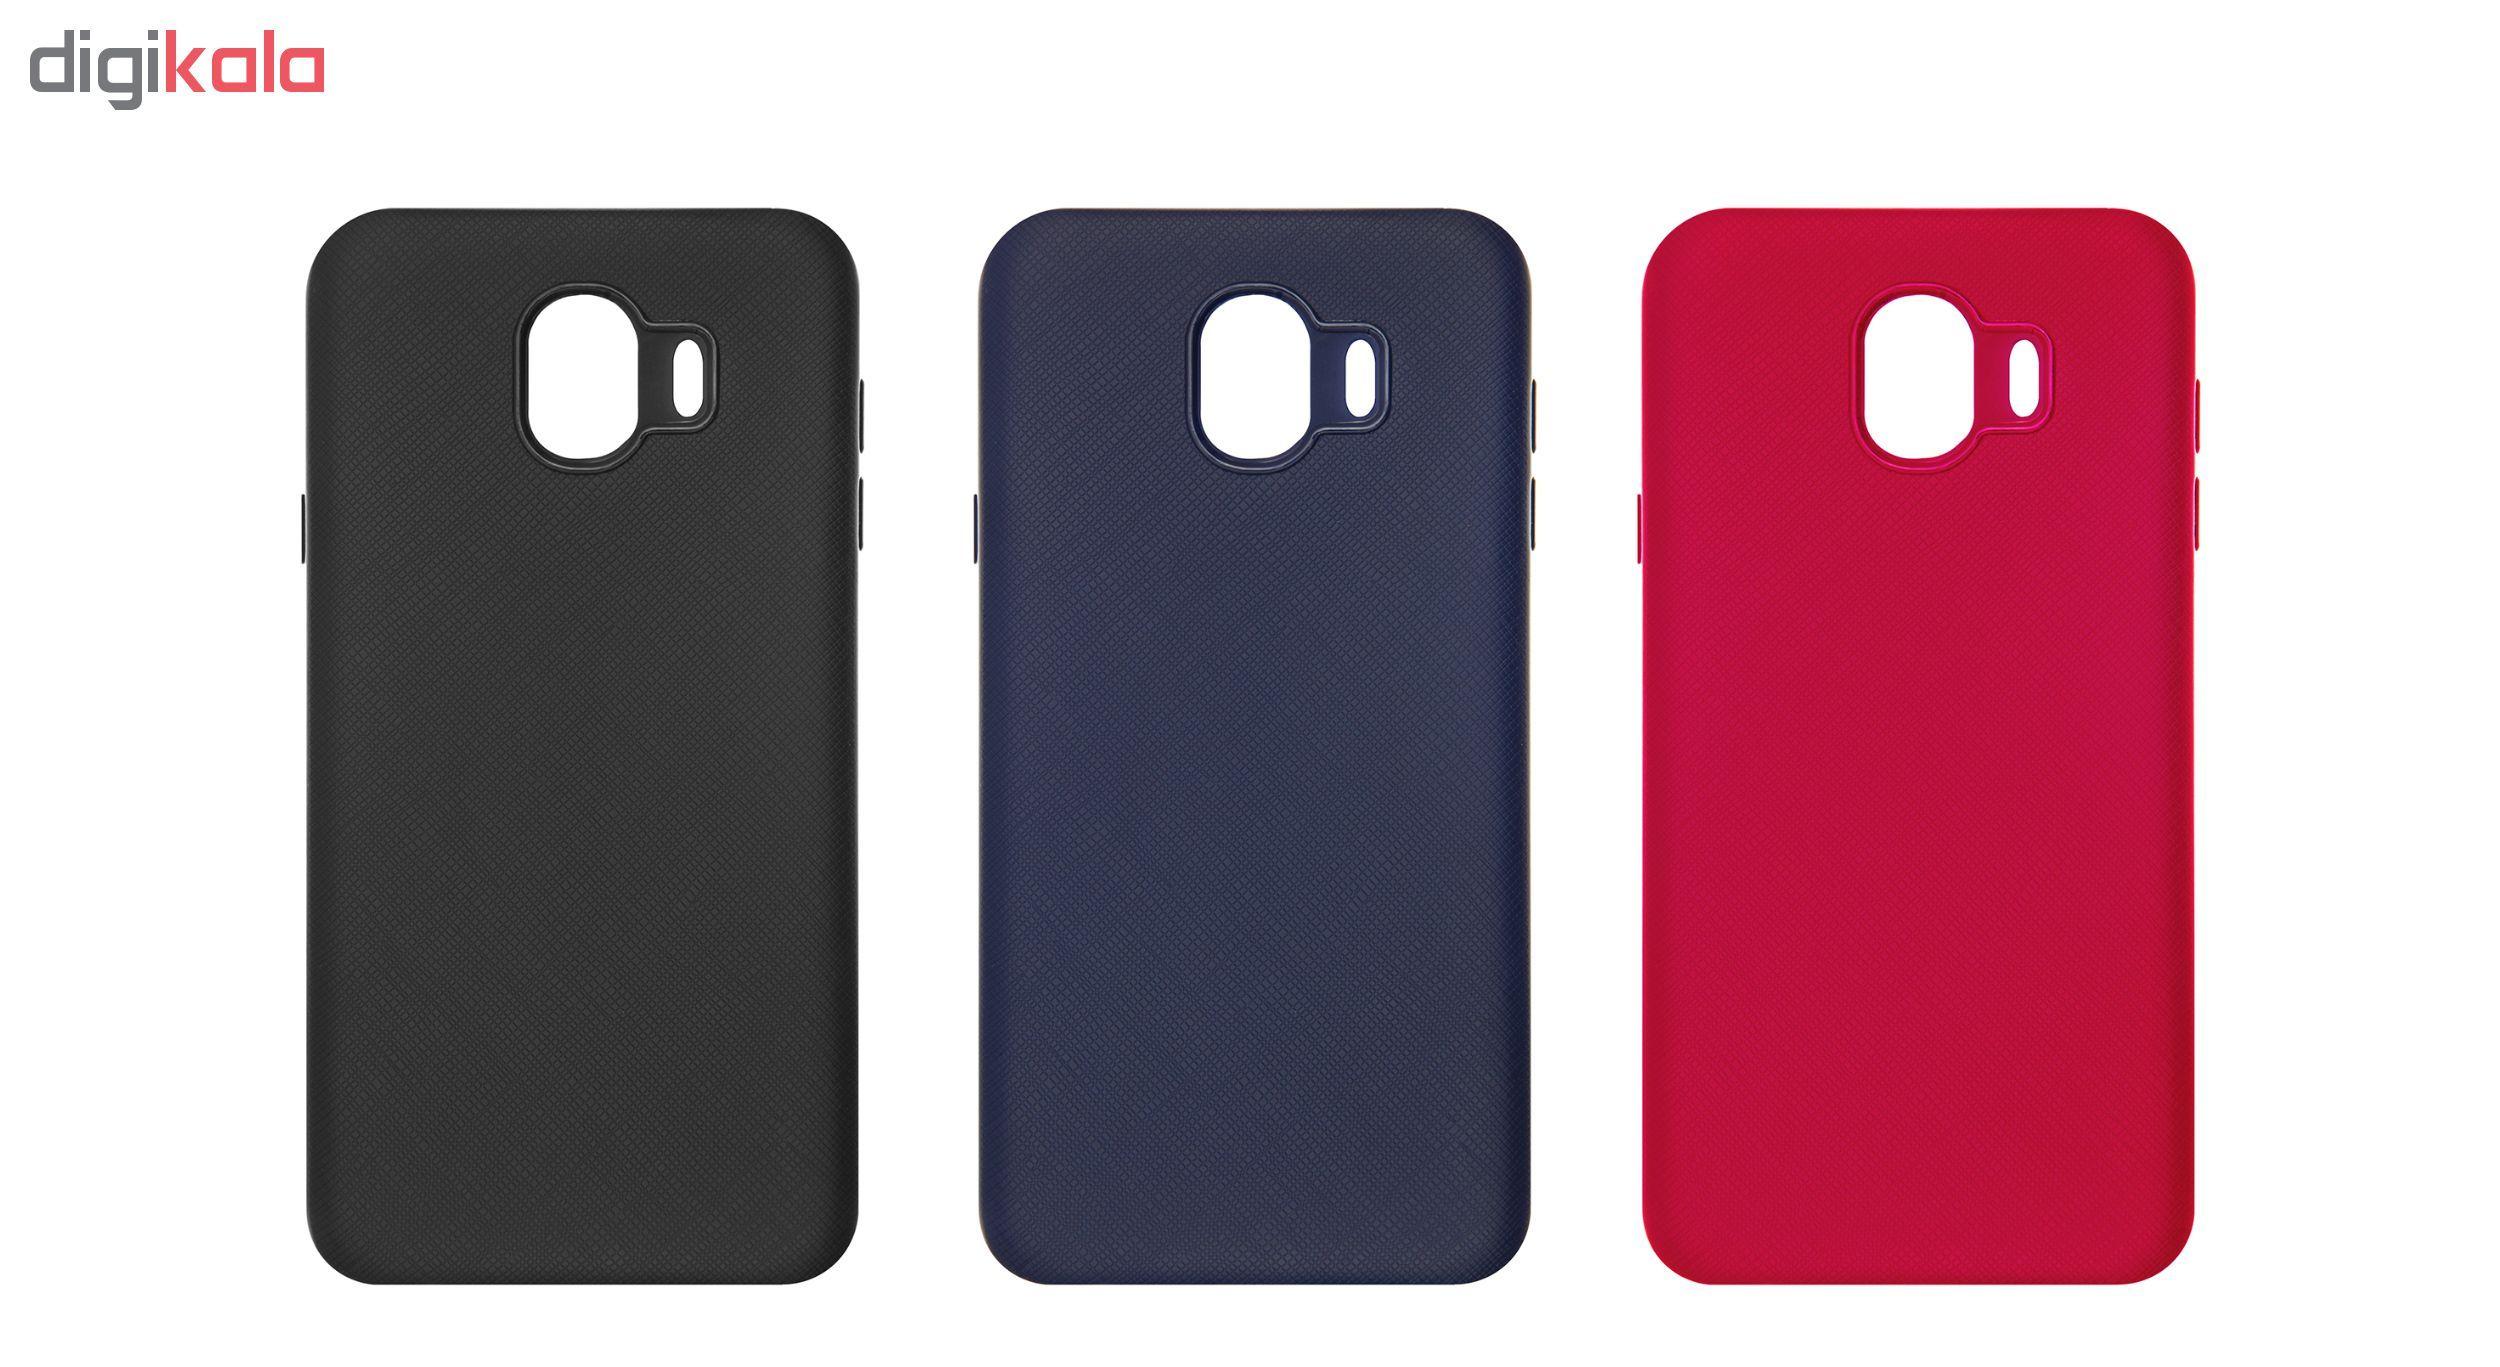 کاور سومگ مدل SC-i001 مناسب برای گوشی موبایل سامسونگ J4 -2018 main 1 4